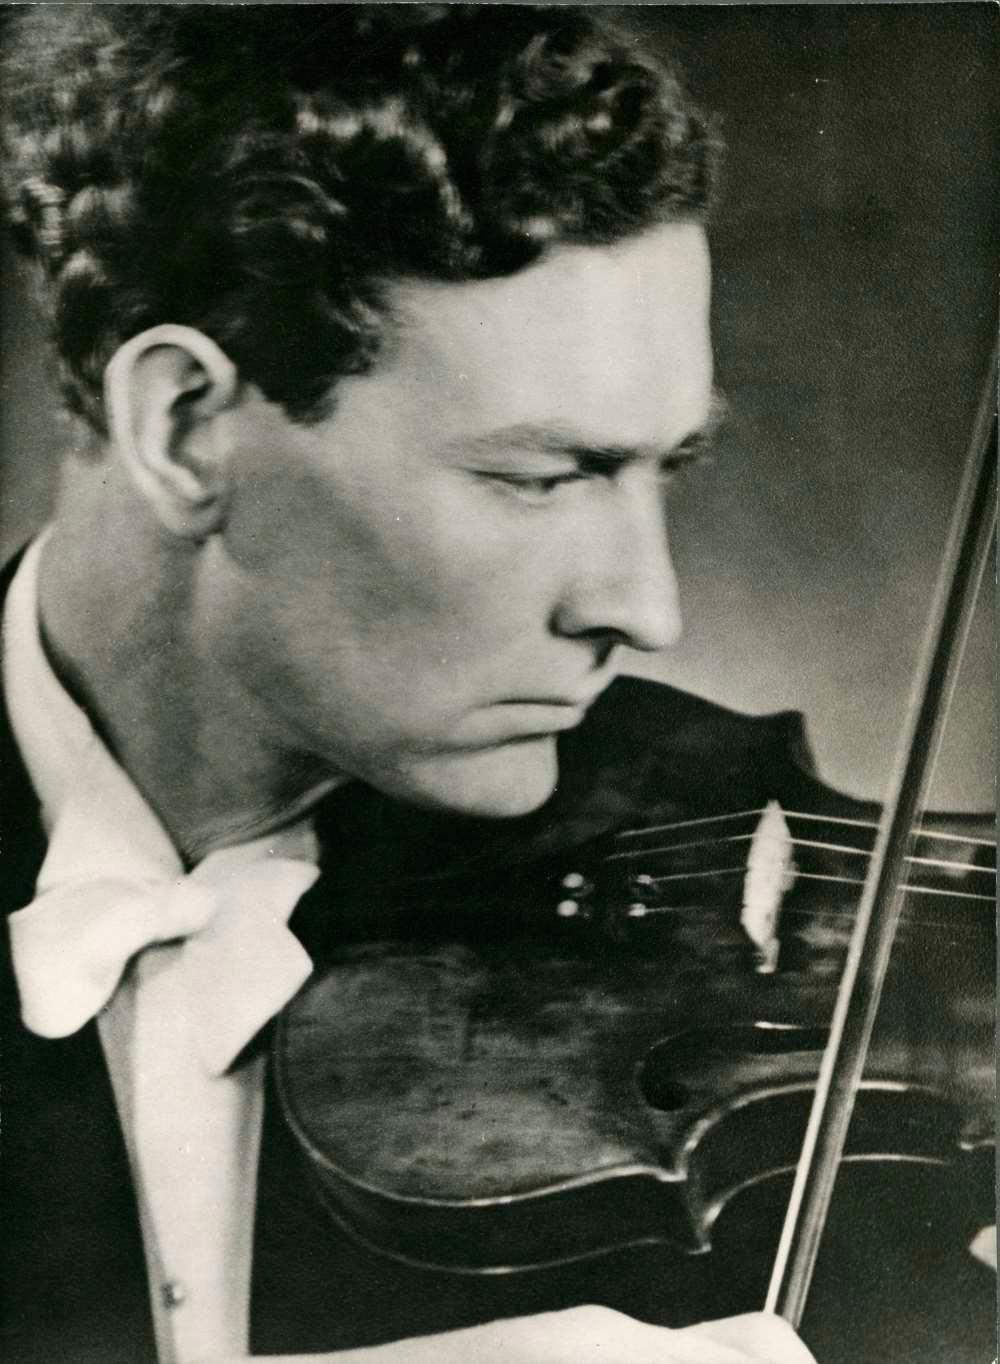 Vladimir Alumäe.